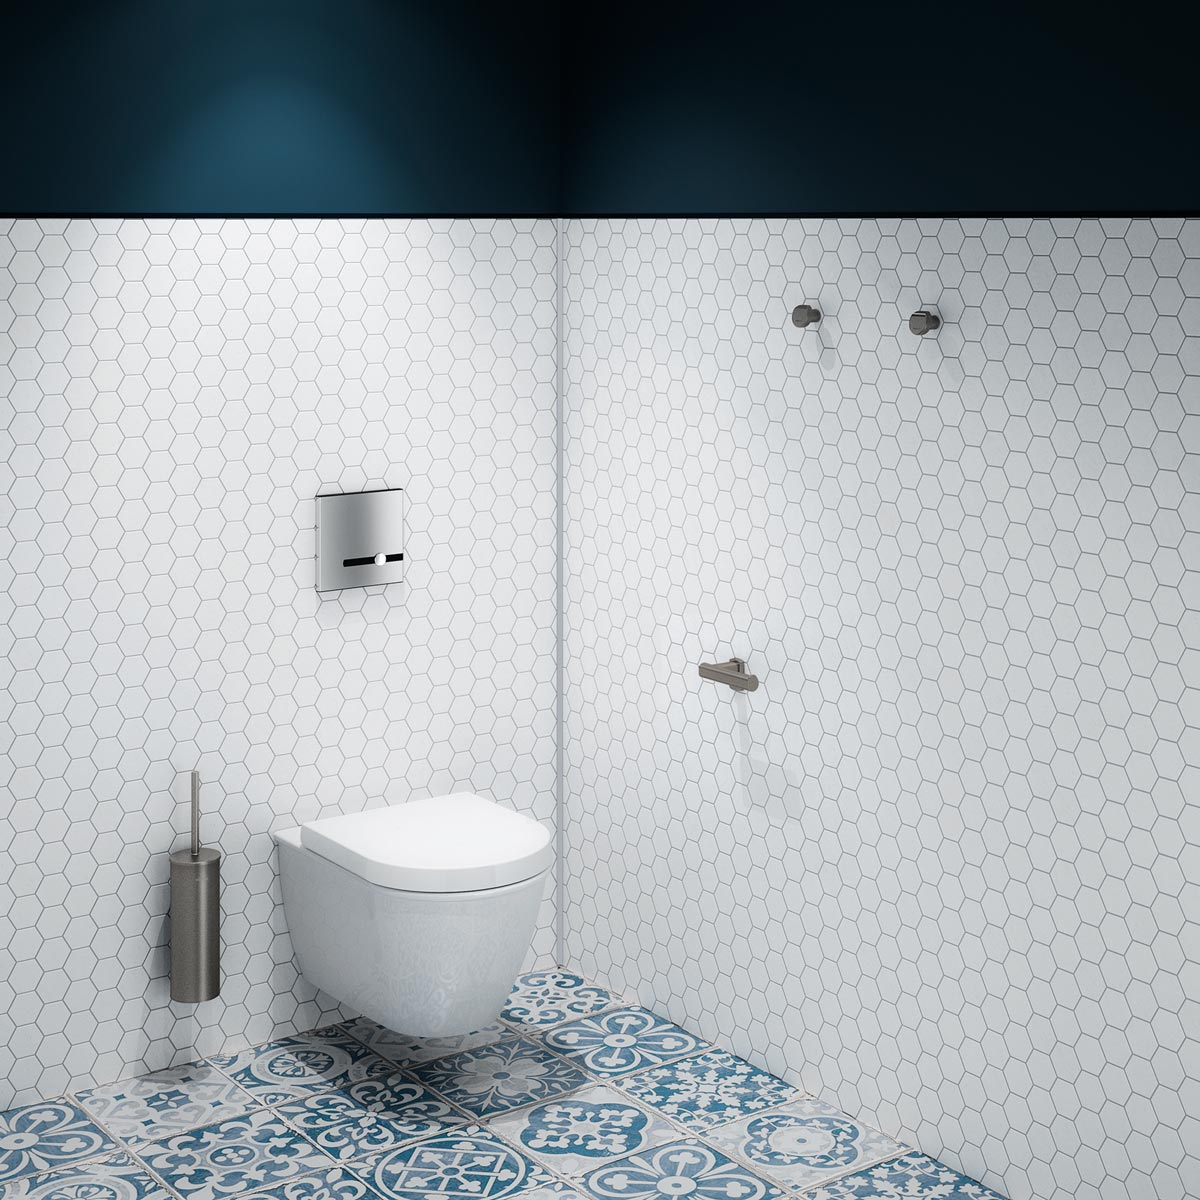 Der elektronische WC-Druckspüler TEMPOMATIC mit dualer Steuerung von DELABIE bietet eine automatische Spülung bei Verlassen des Nutzers